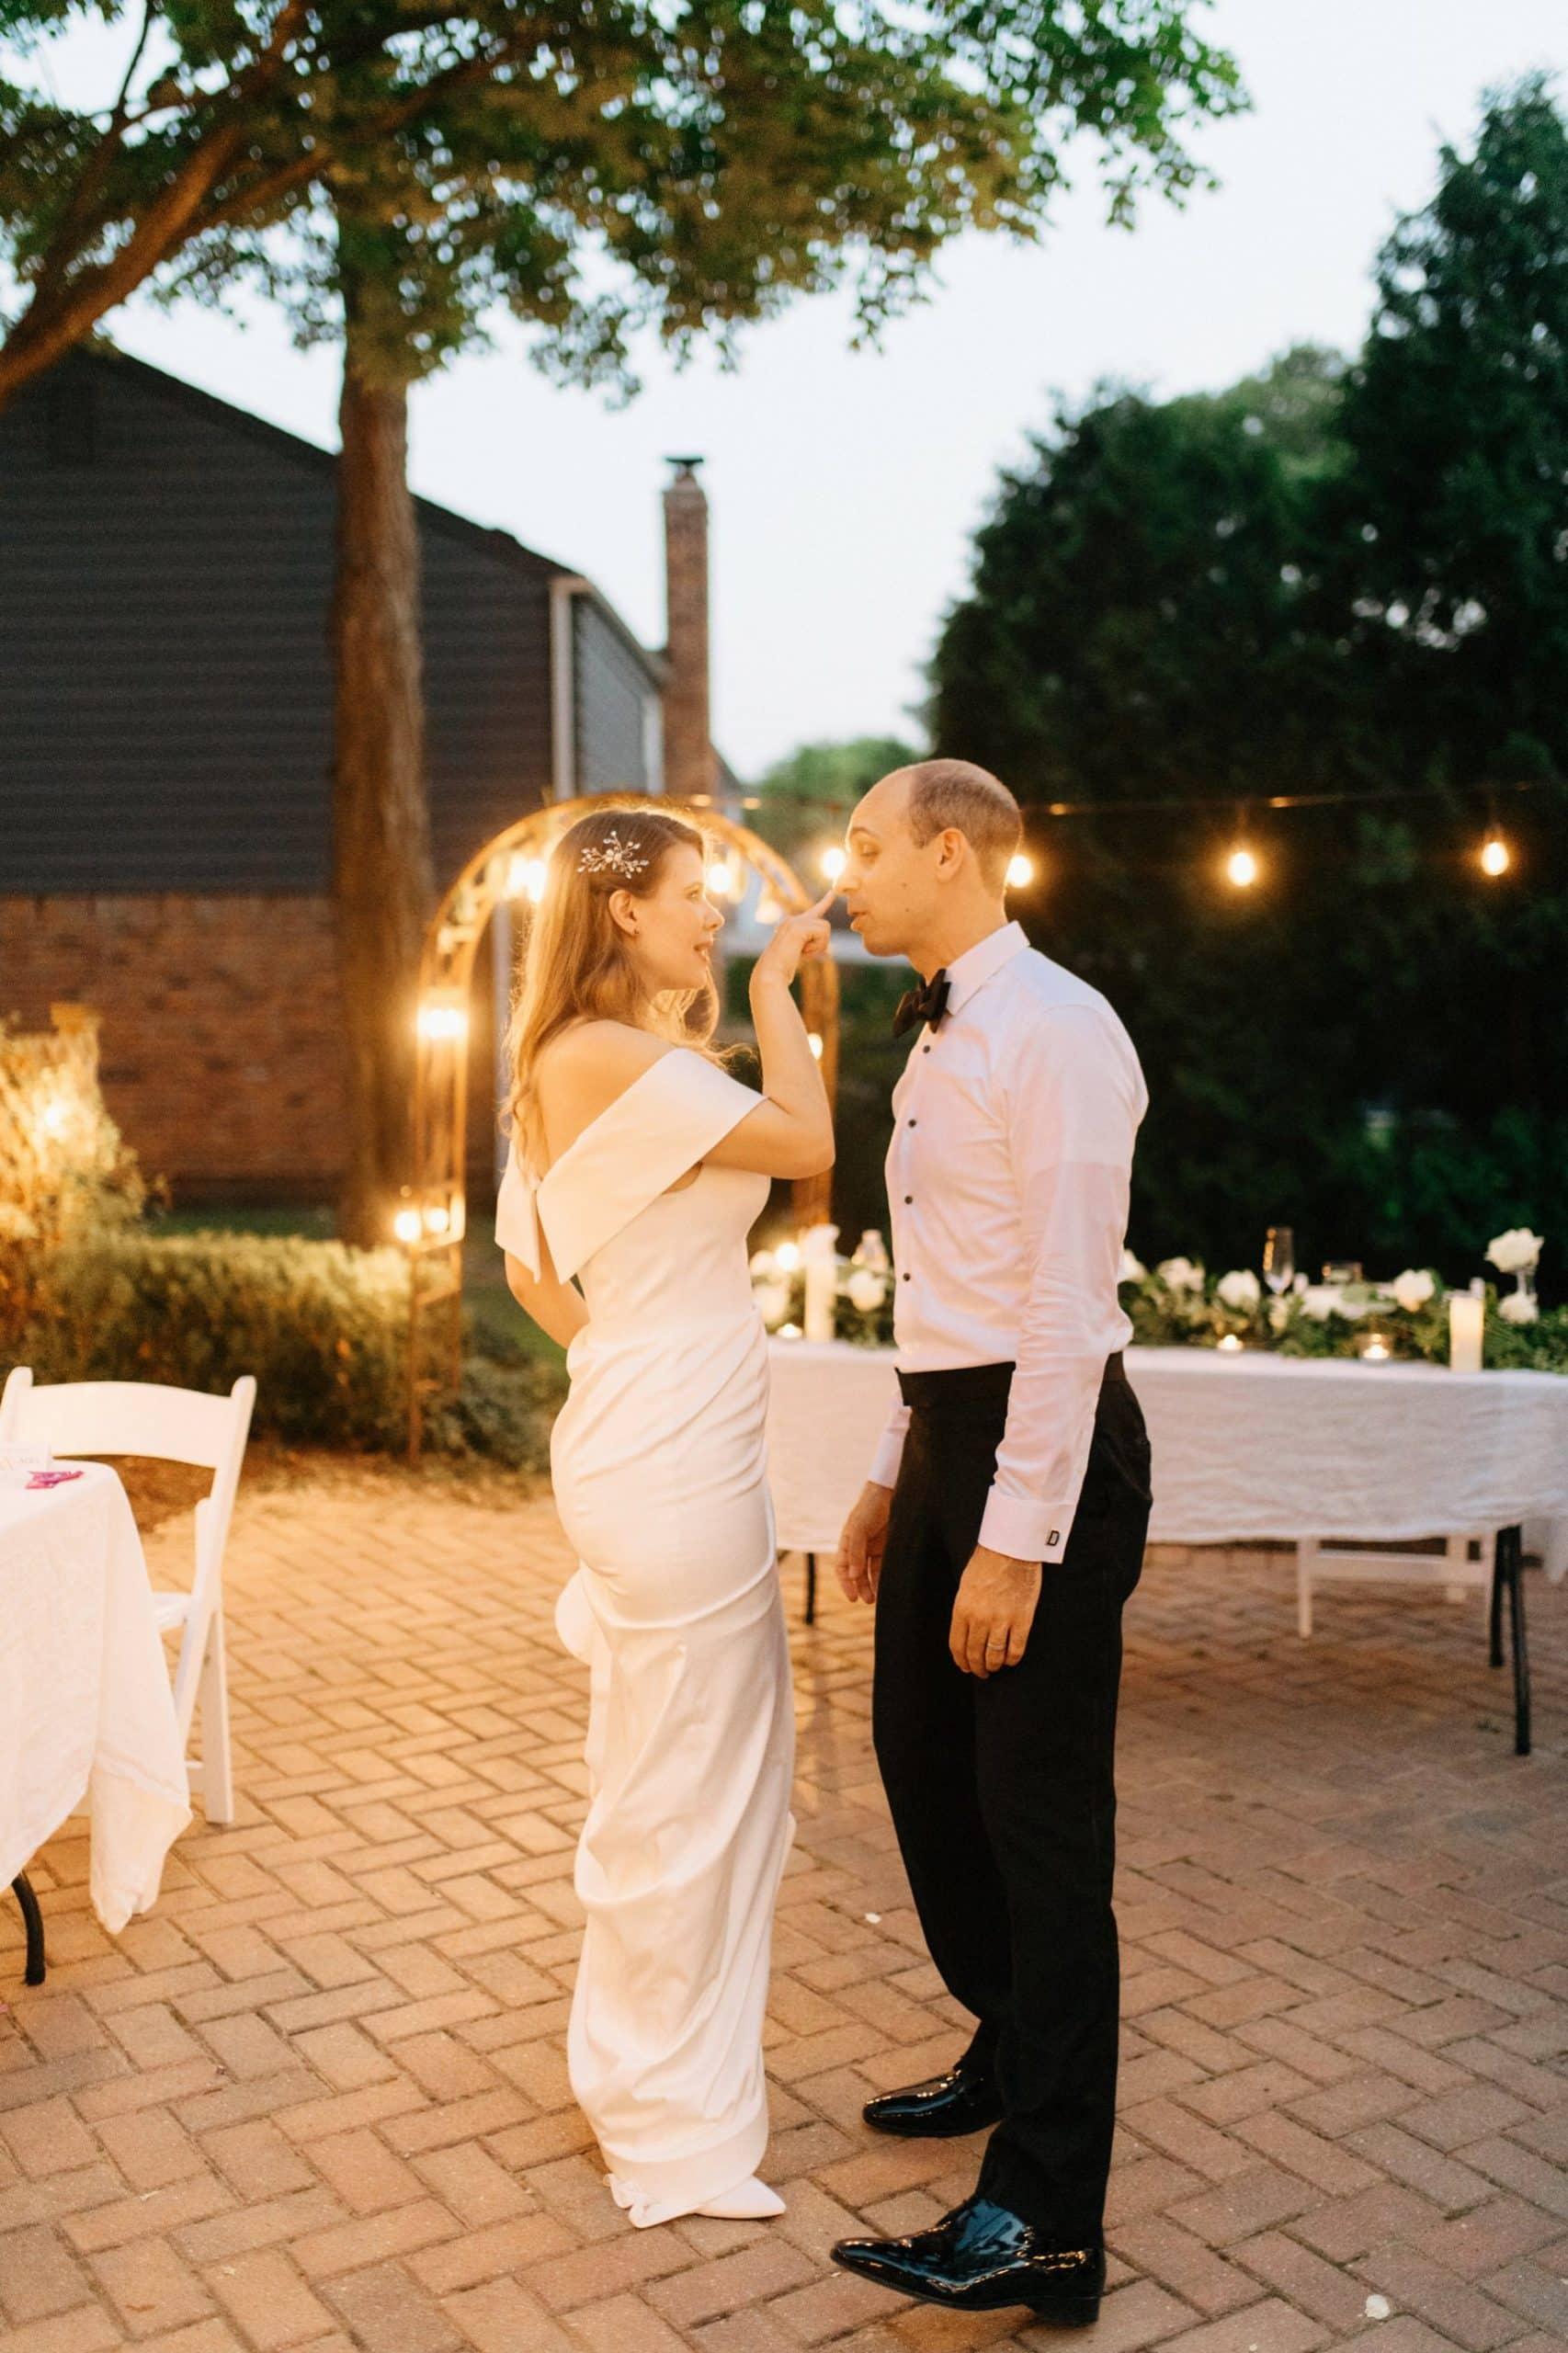 bride boops her grooms snoot